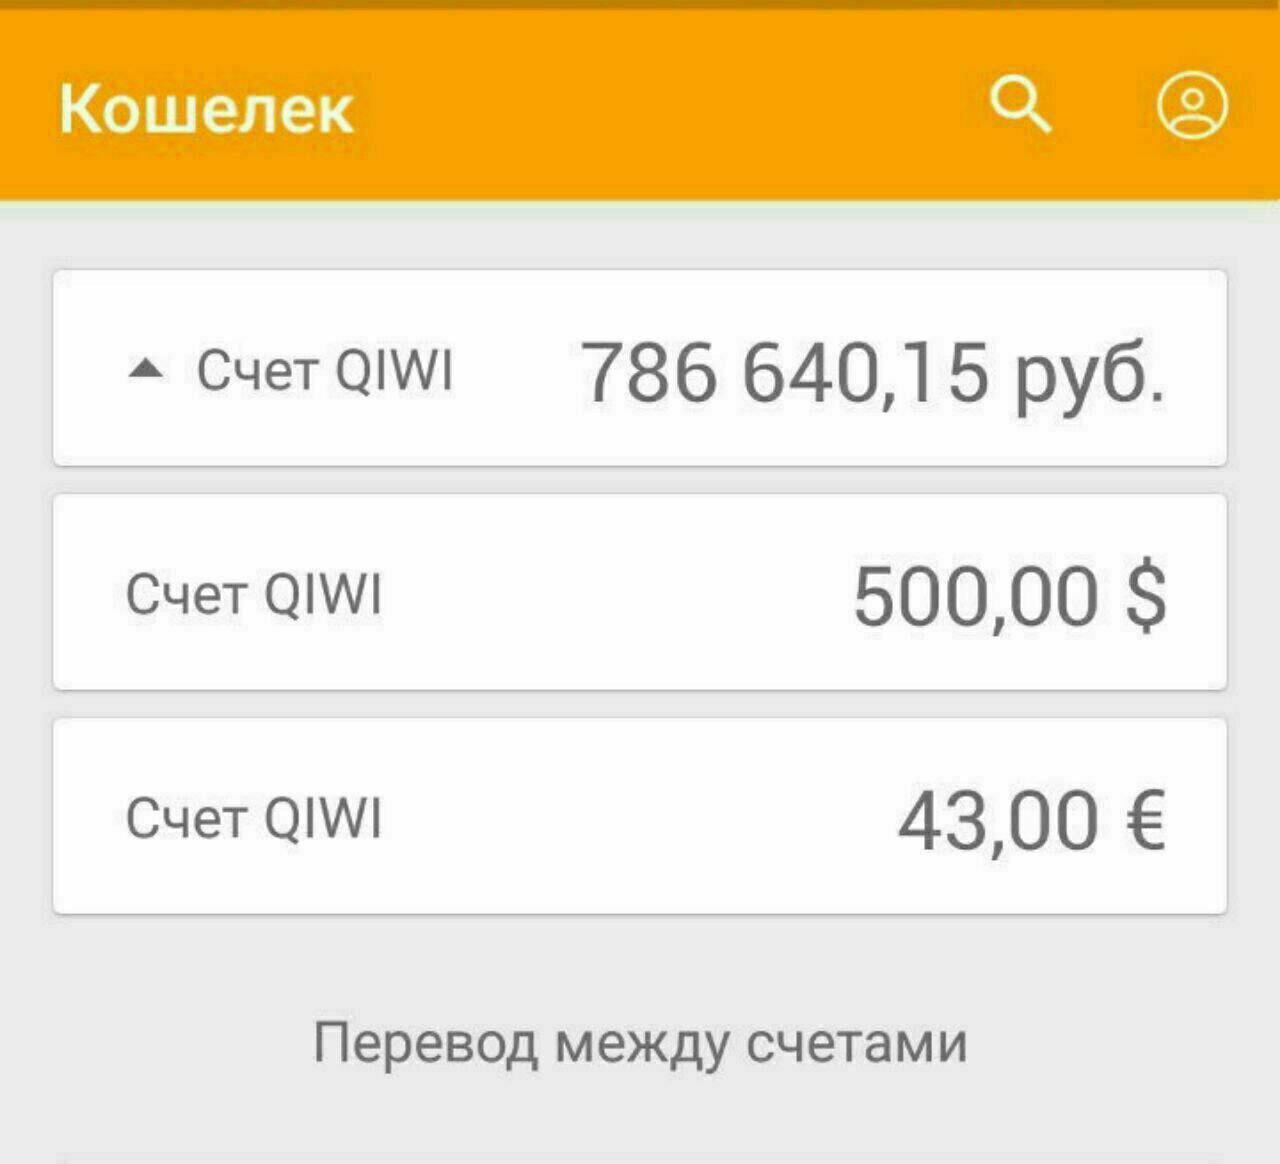 Картинка с киви чтоб на счету лежало 1050 рублей